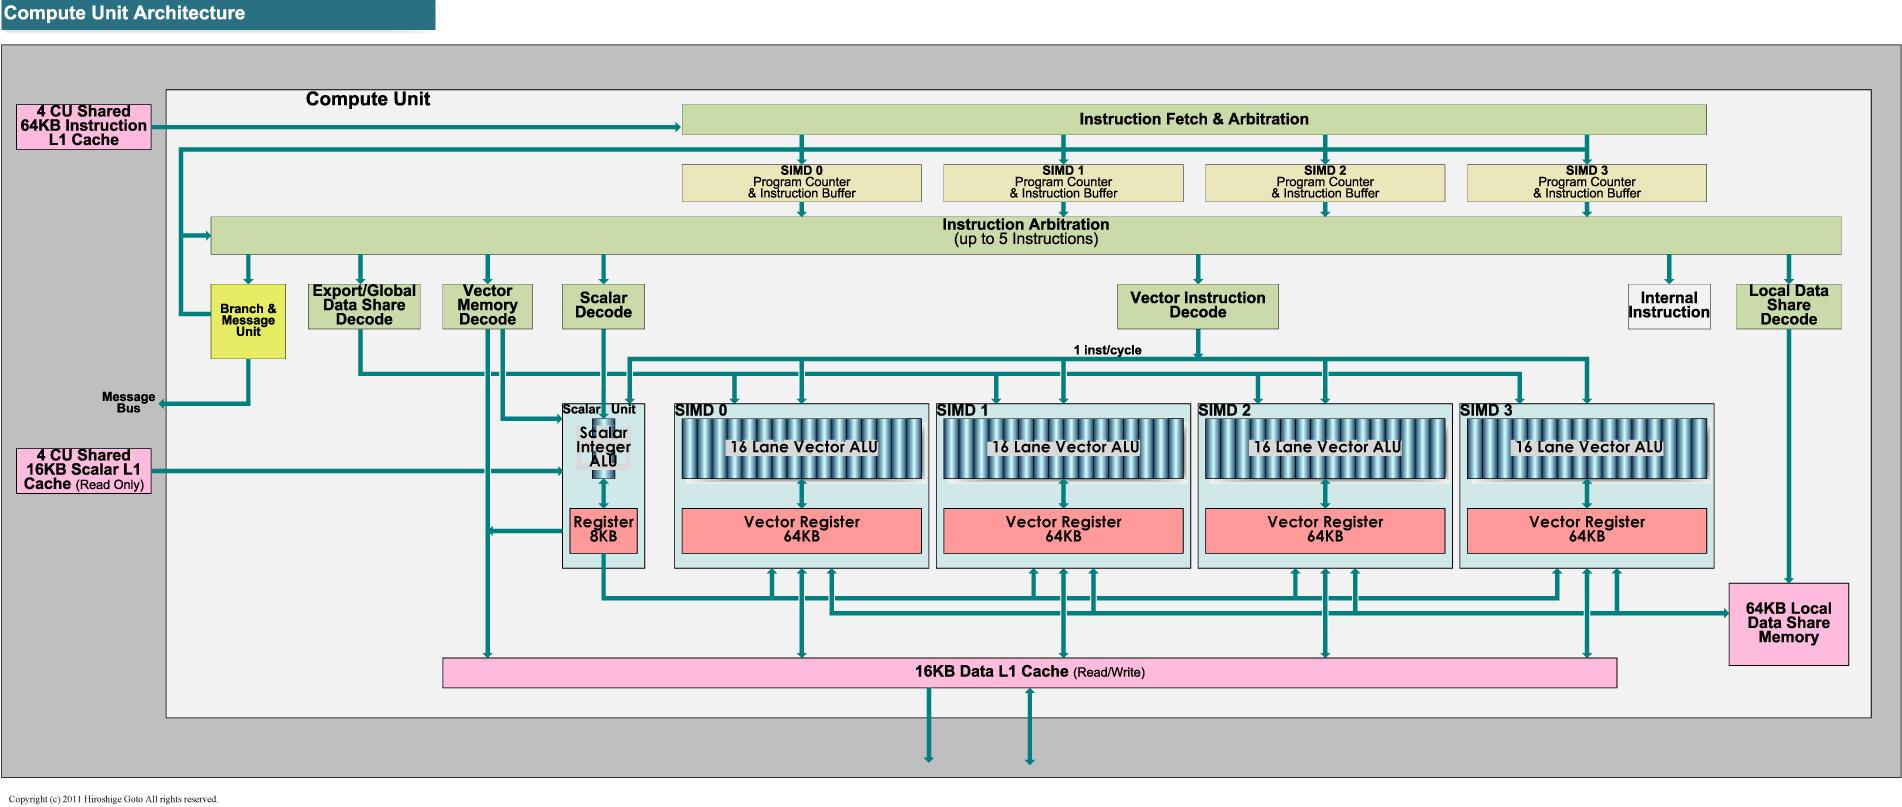 """Compute Unitのアーキテクチャ<br>PDF版は<a href=""""/video/pcw/docs/453/941/p18.pdf"""">こちら</a>"""